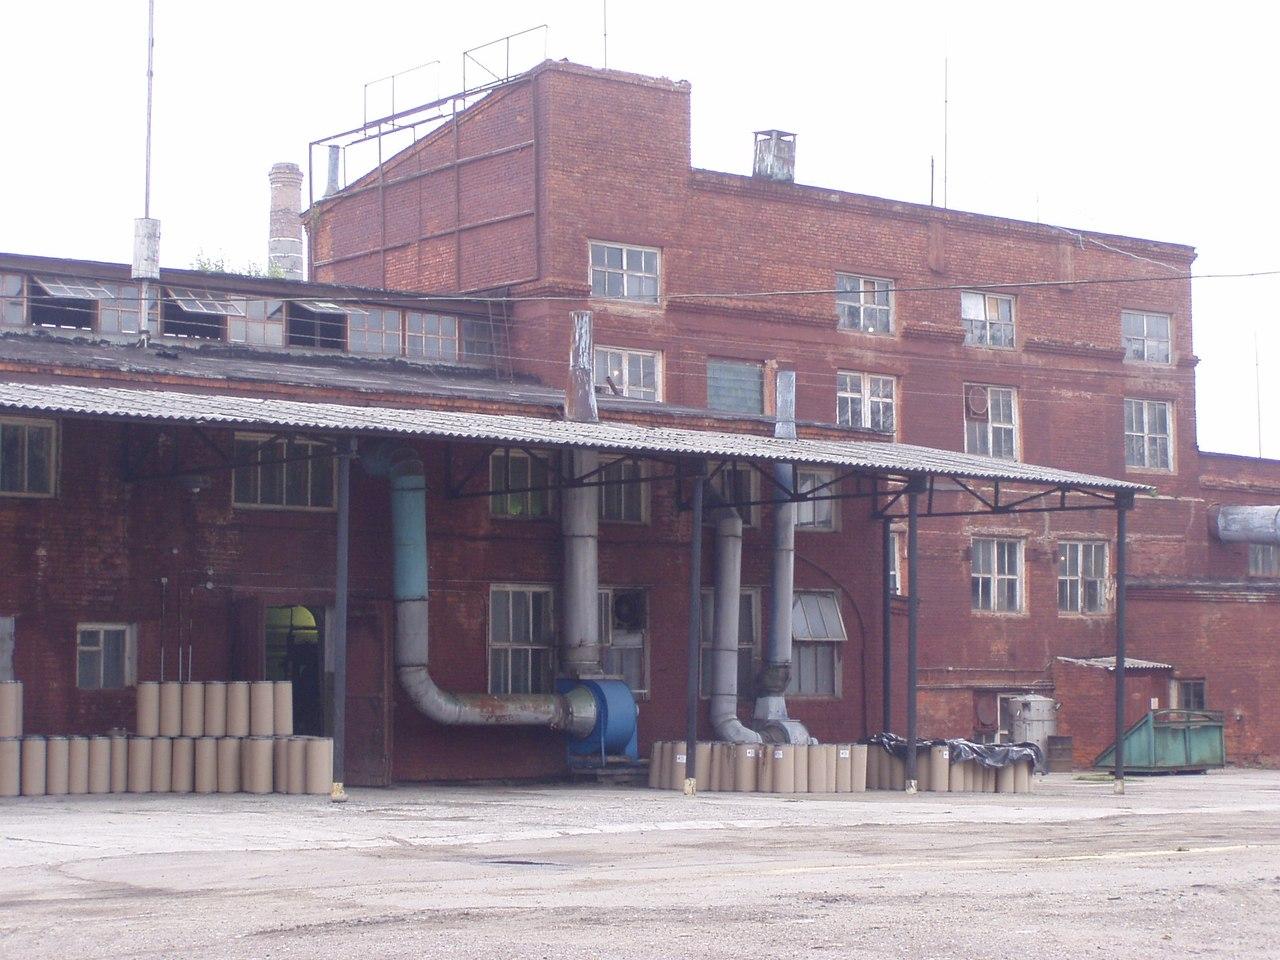 Работники обанкротившегося вологодского лесохимического завода обратились за помощью к депутатам